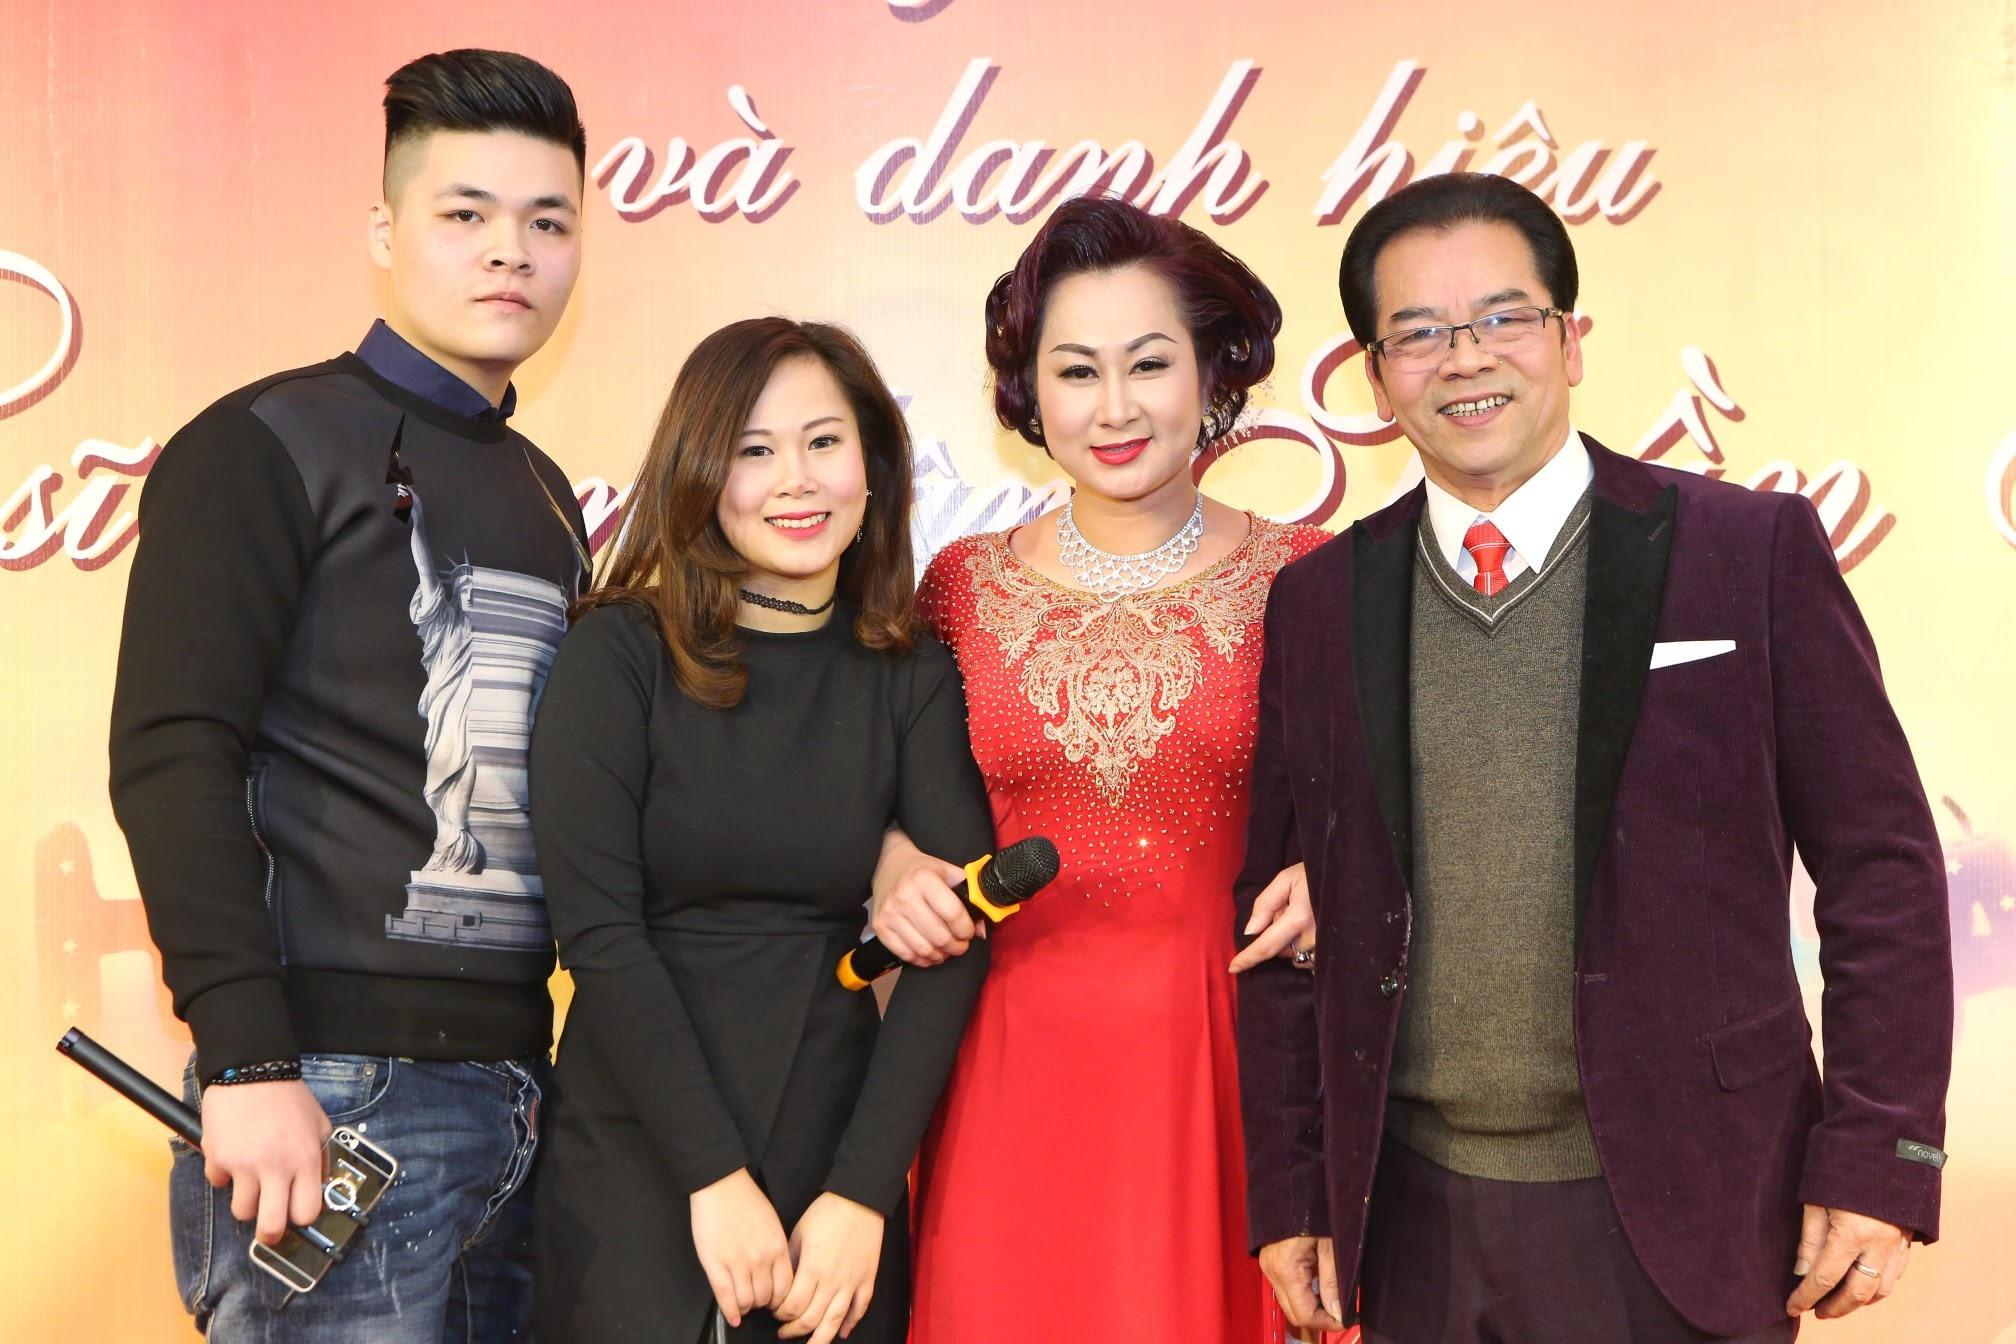 Gia đình Trần Nhượng hạnh phúc trong ngày vui trọng đại.